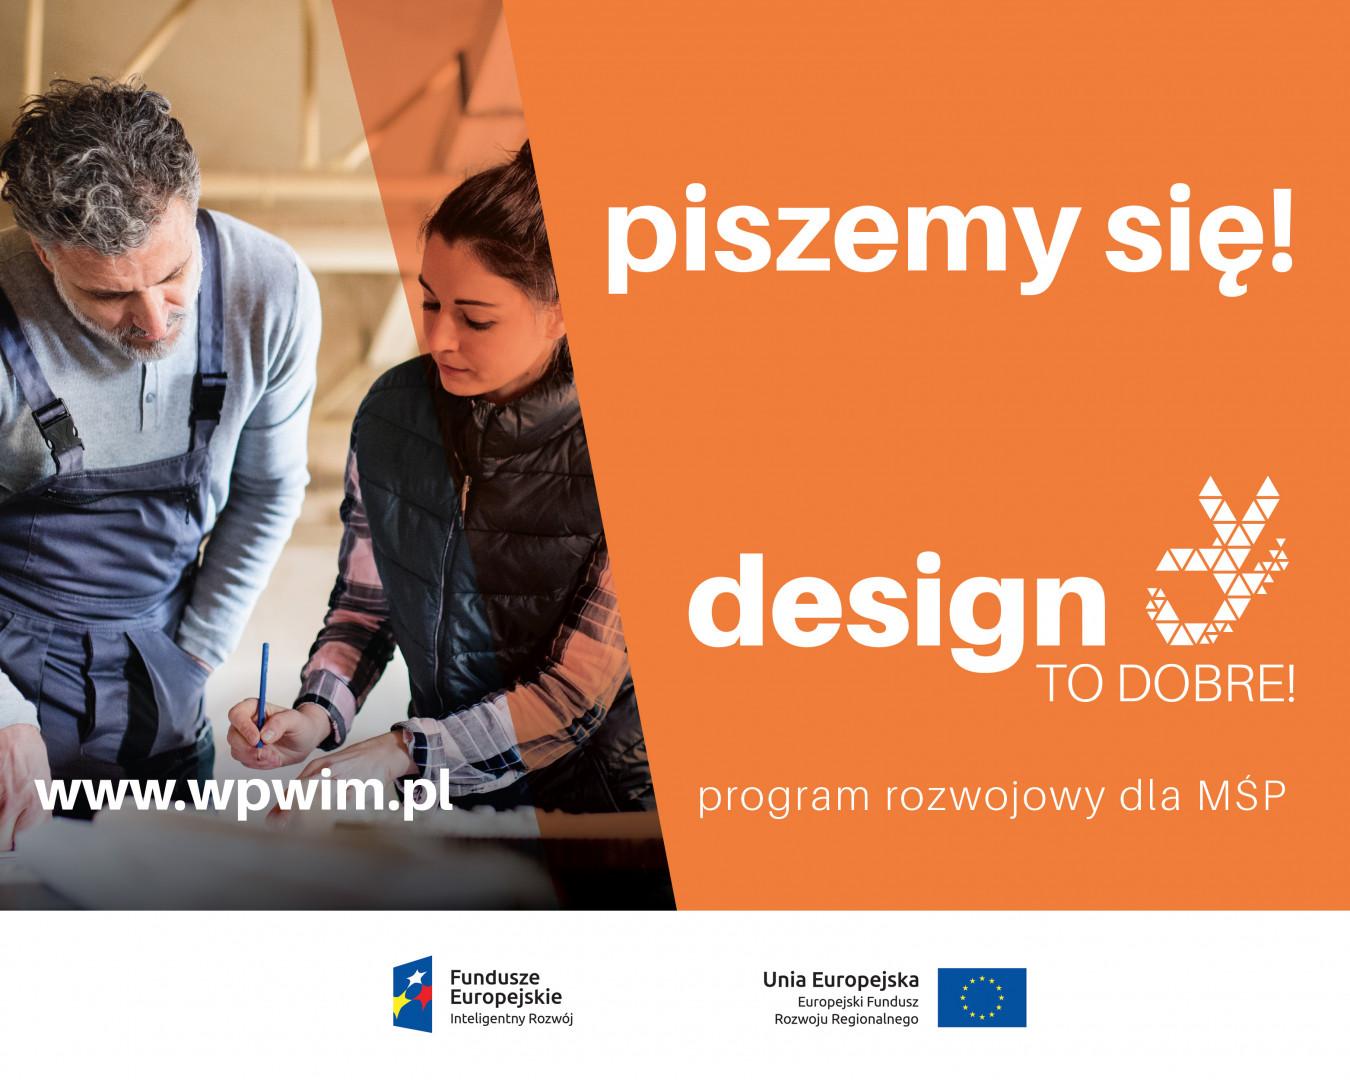 Design - to dobre dla MSP